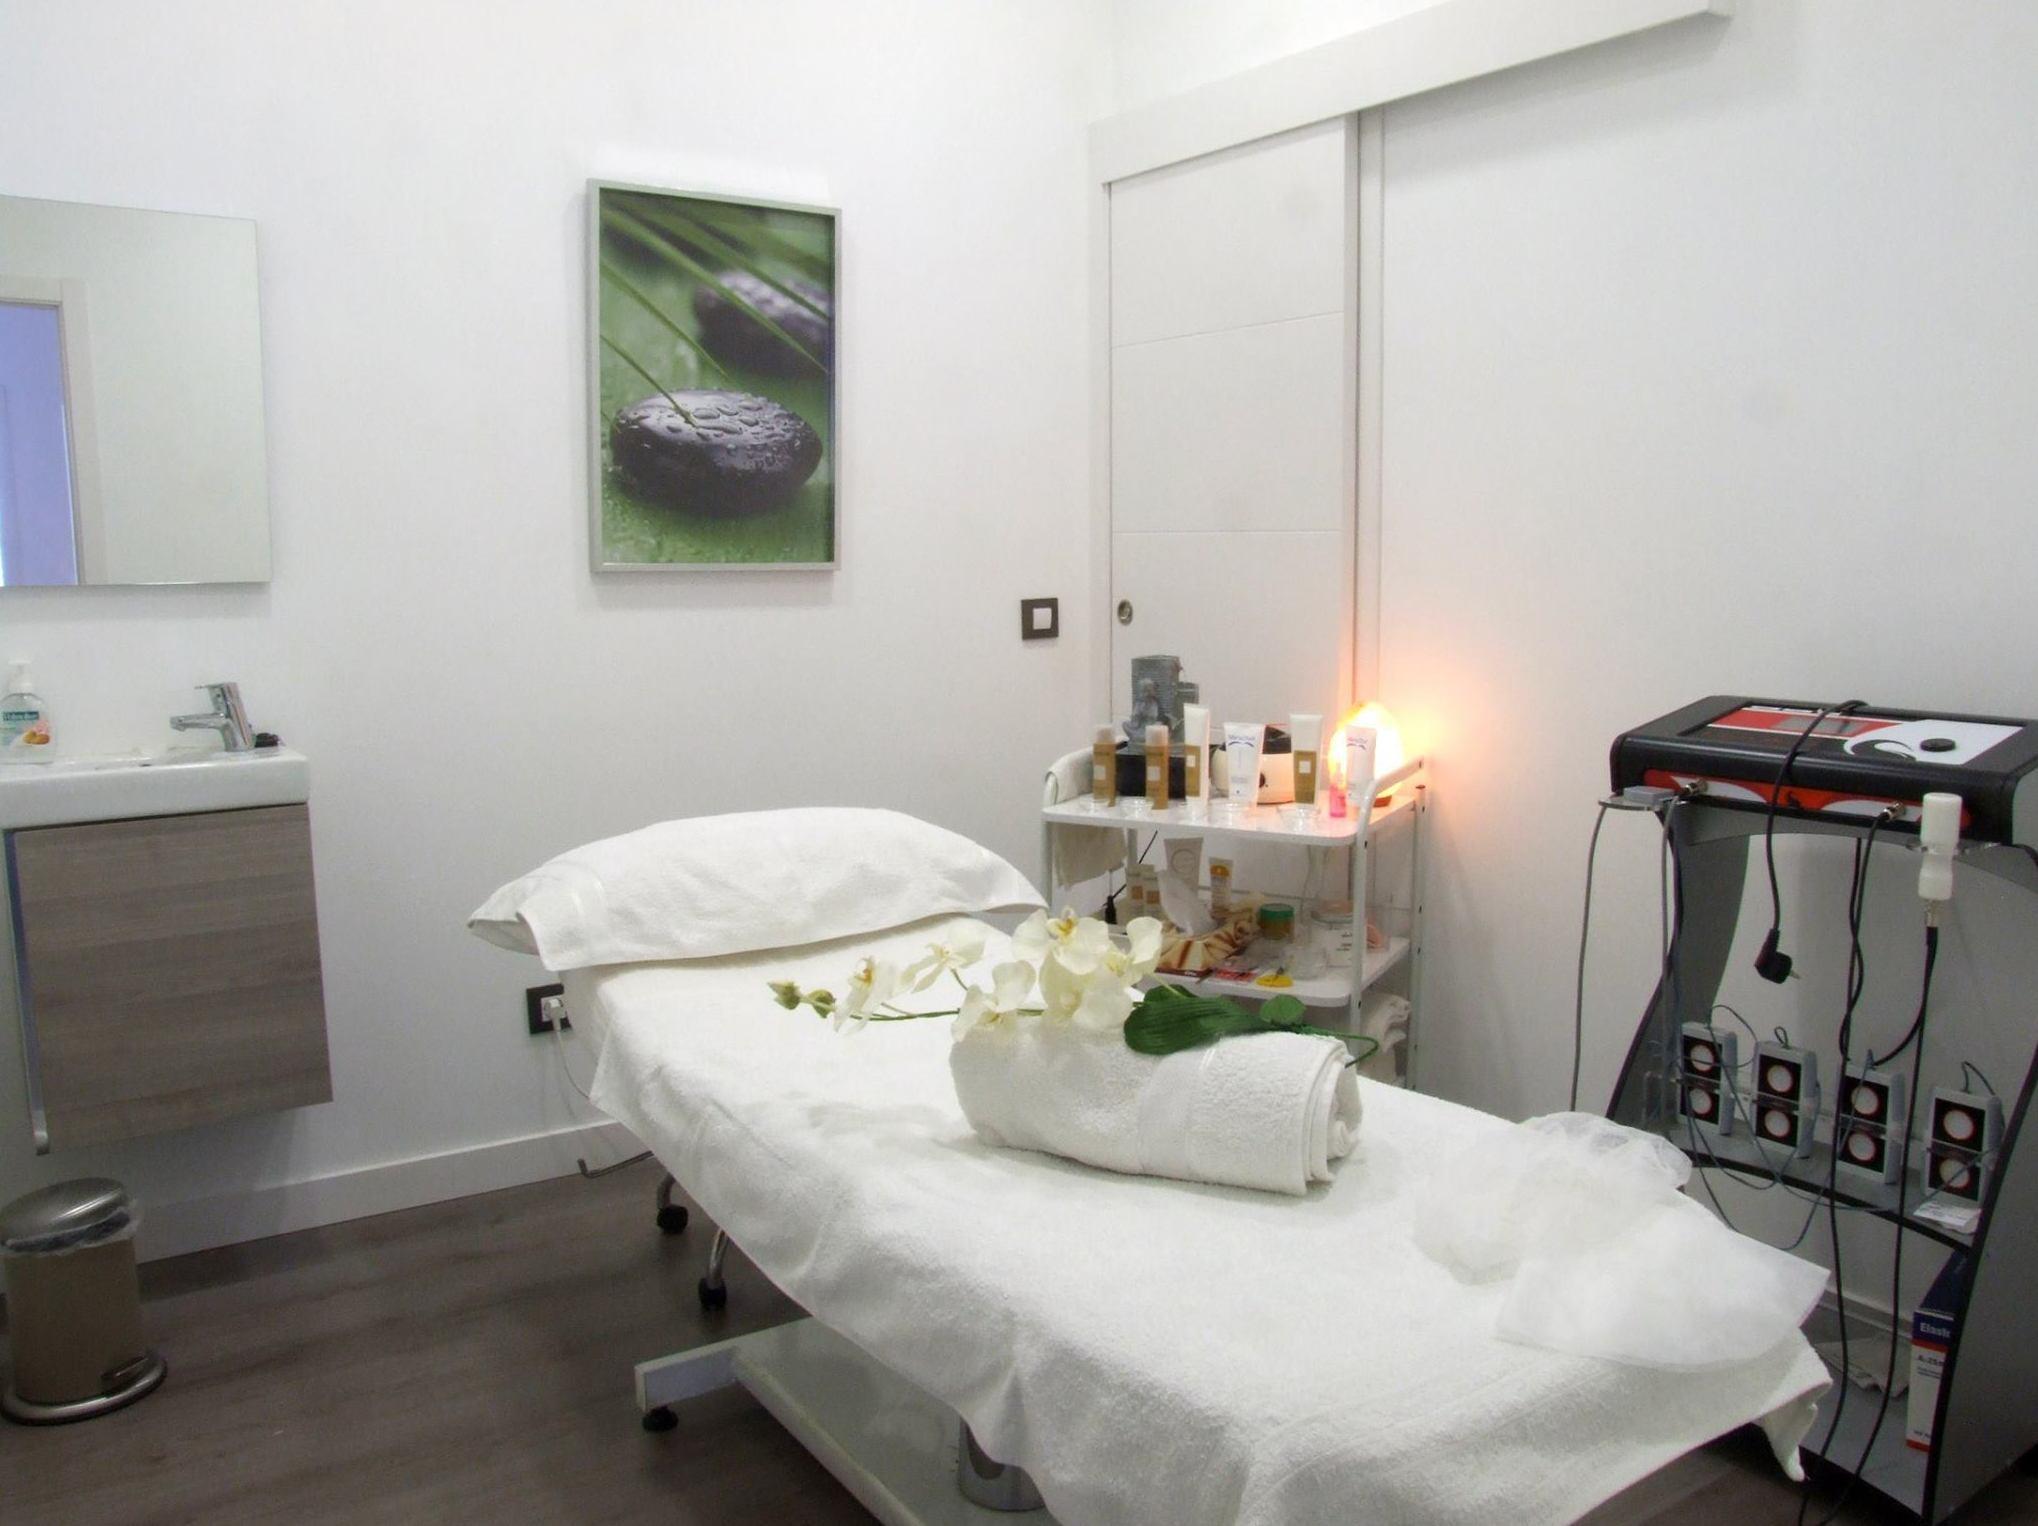 Sala de tratamiento estético